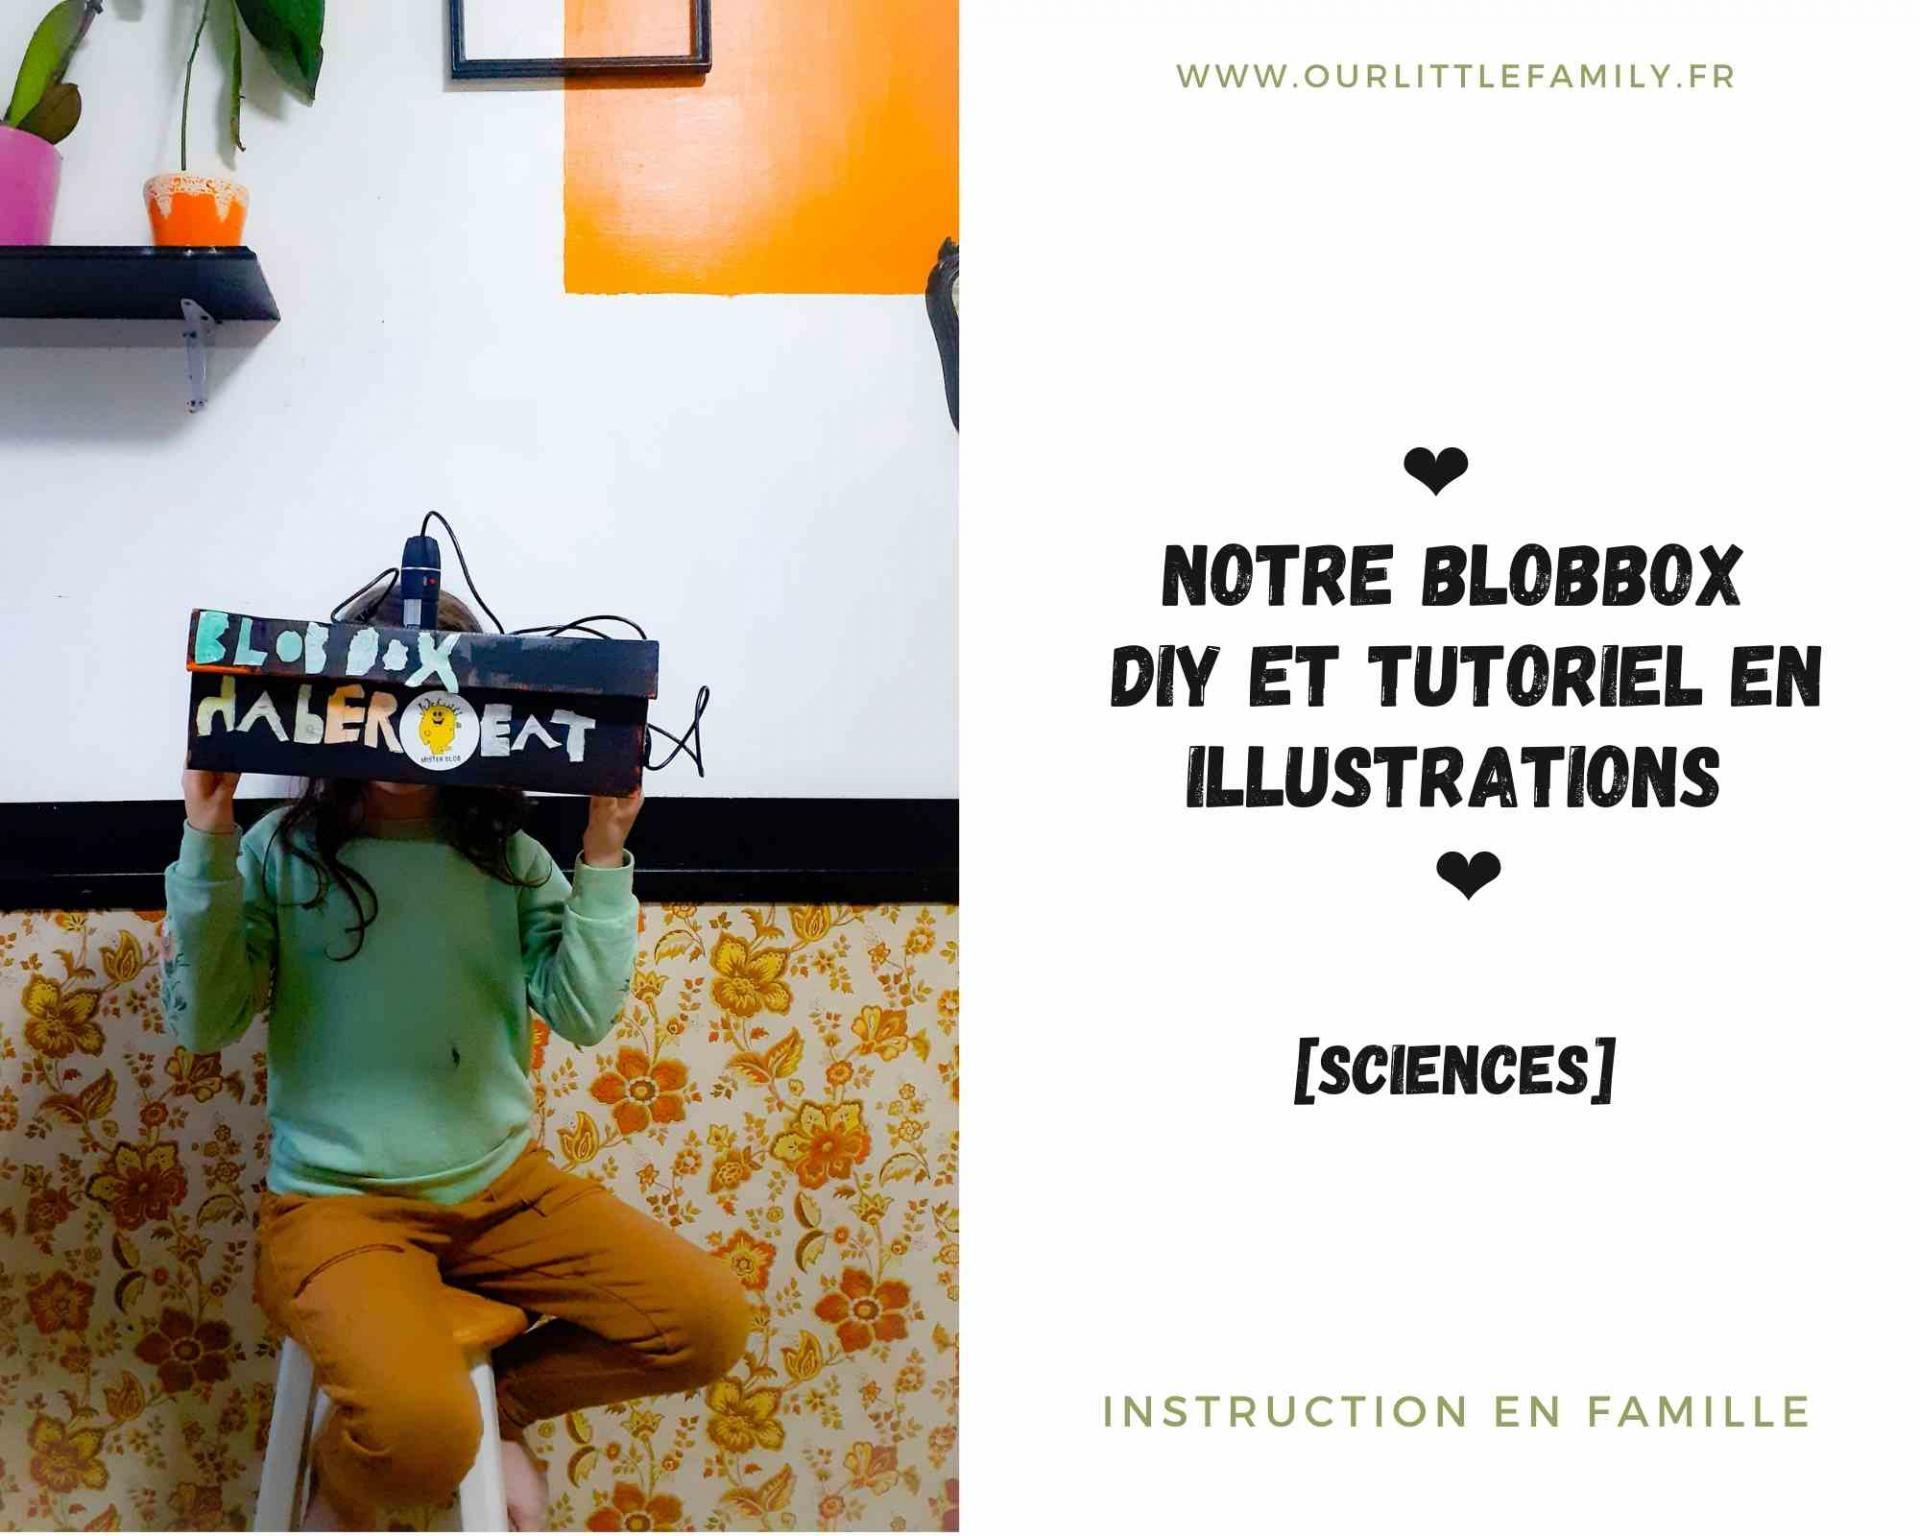 Notre blobbox diy et tutoriel en illustrations